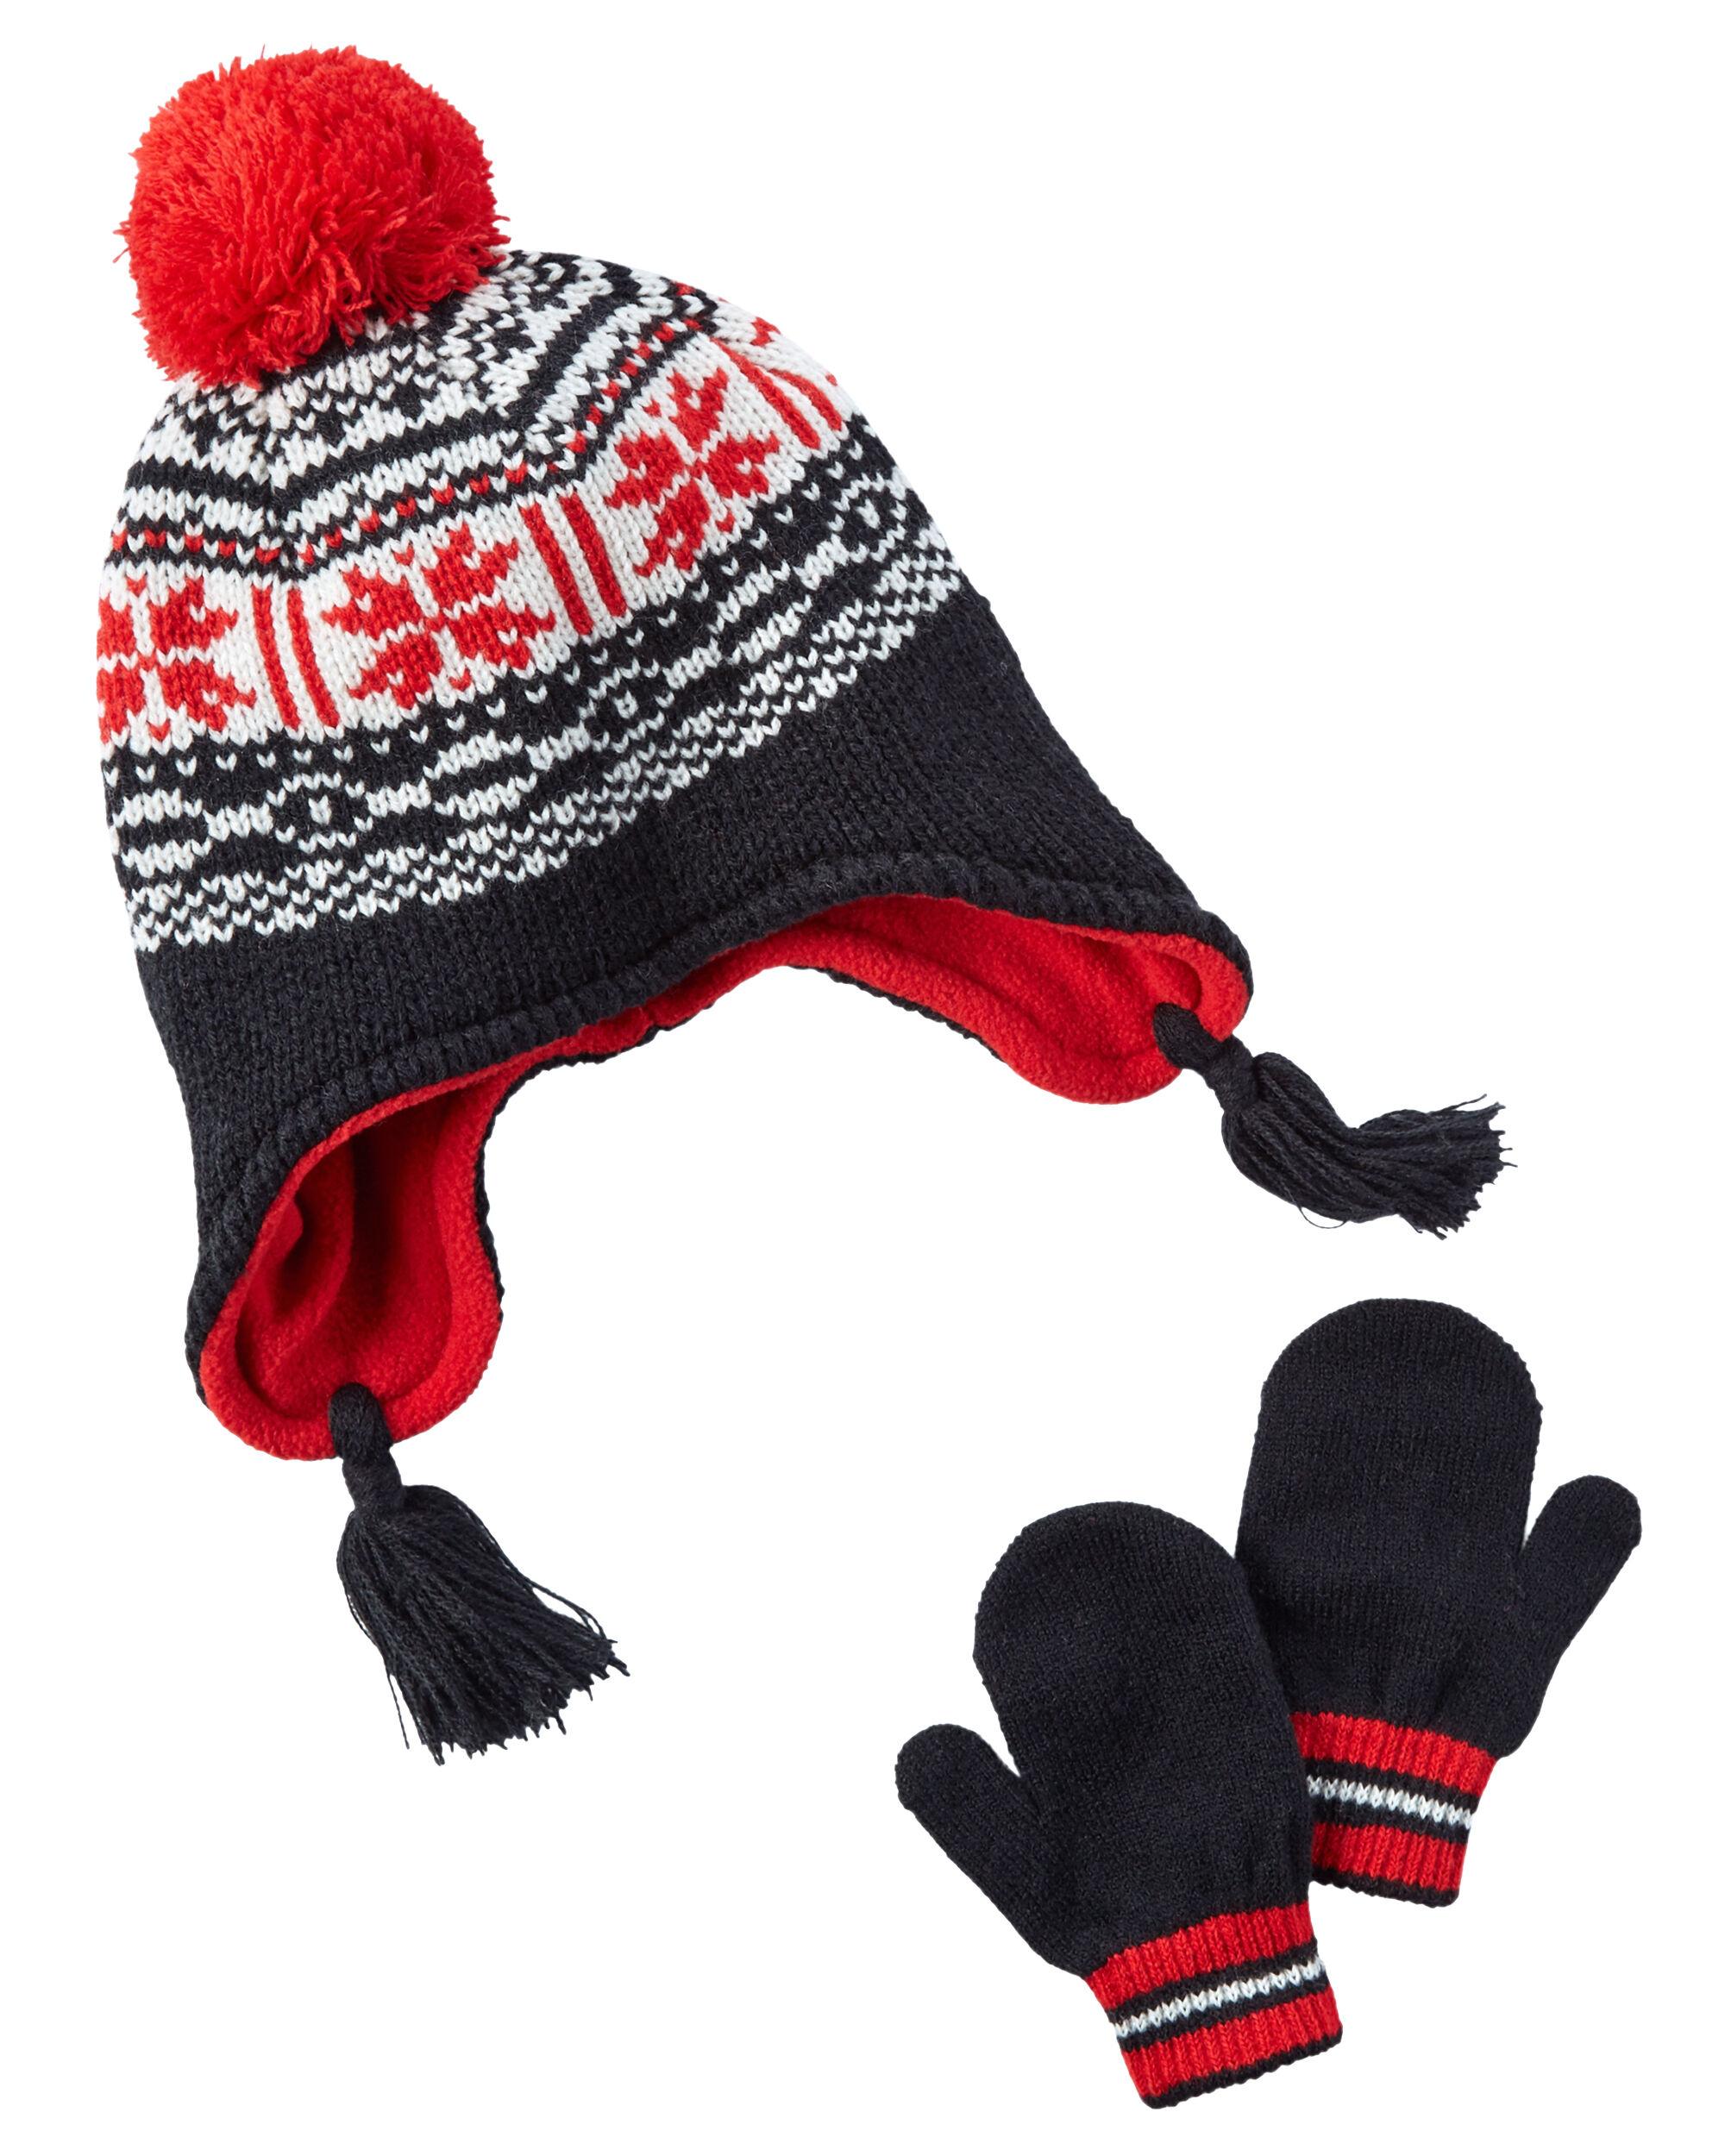 b882dff1c6d Images. Hat   Glove Set